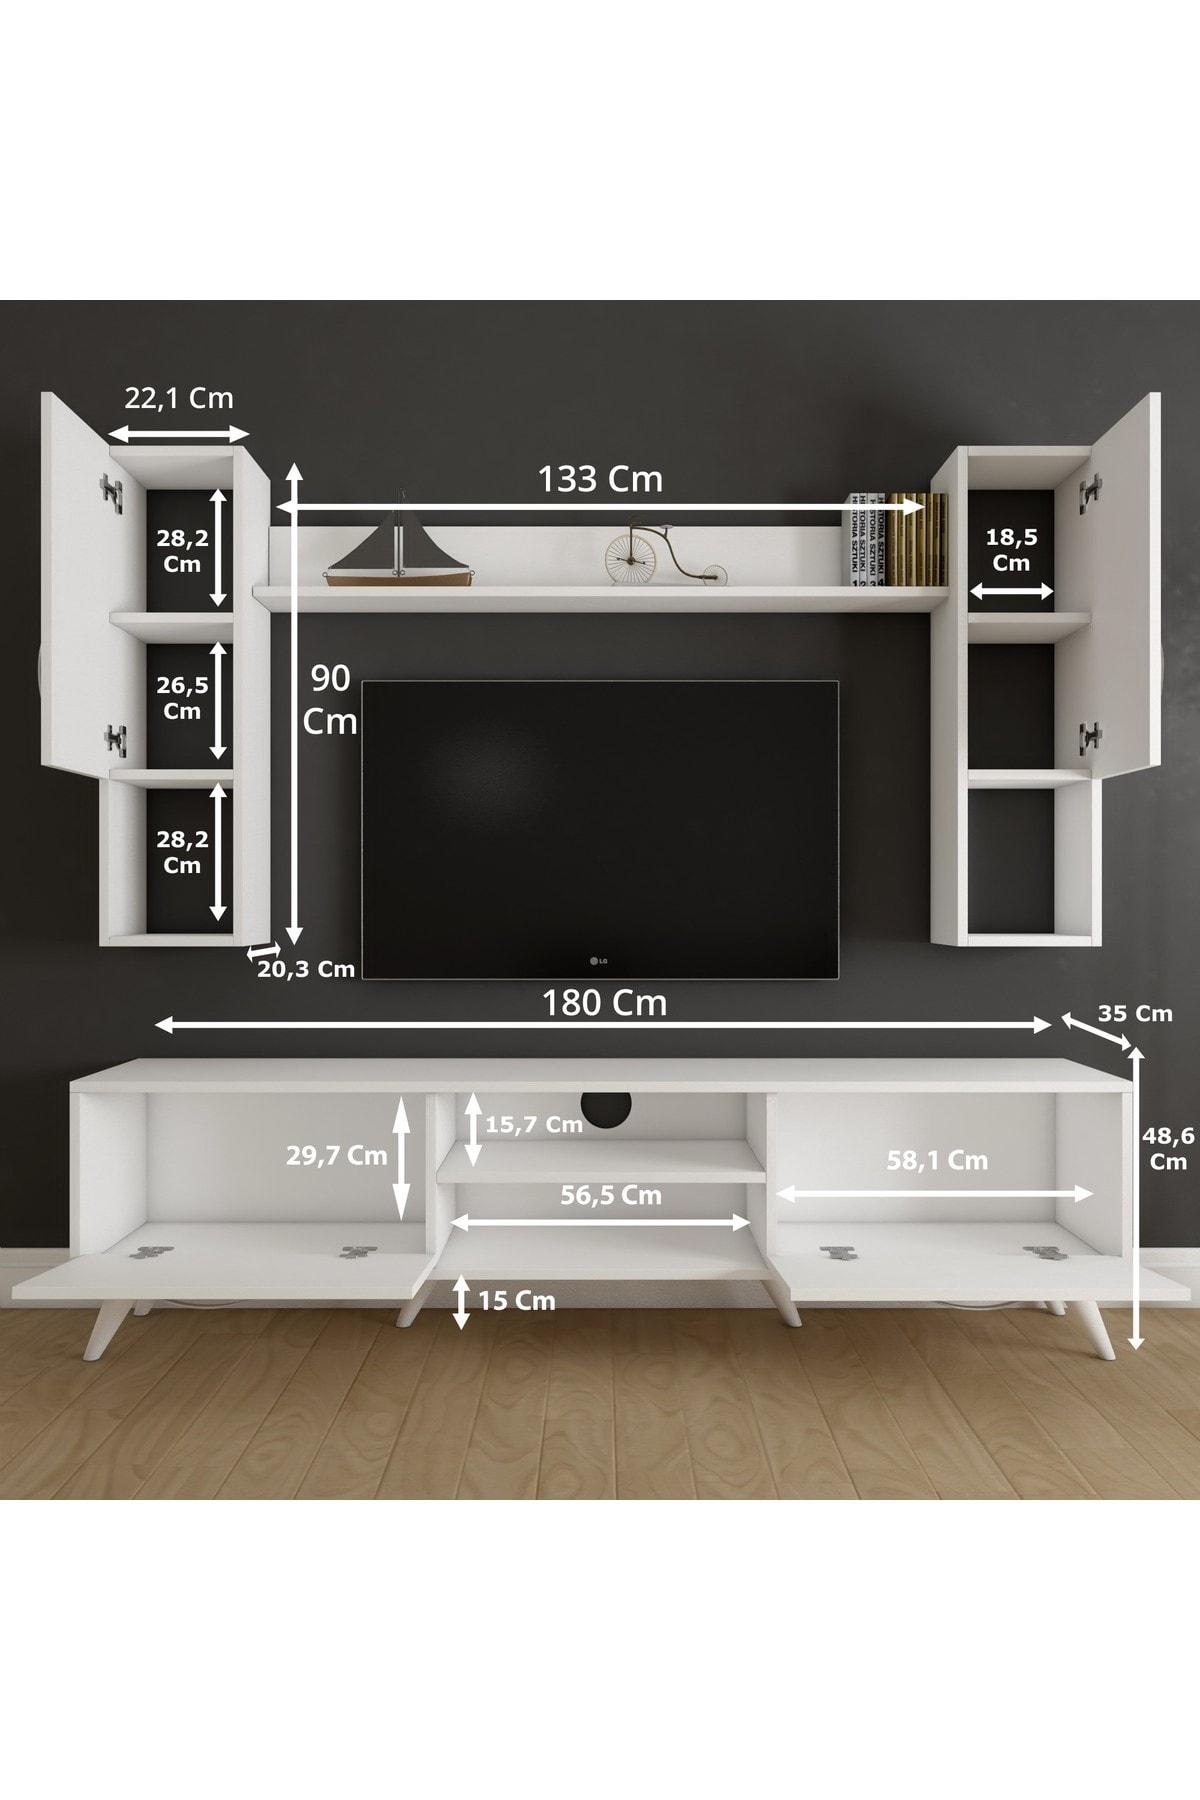 Rani Mobilya A9 Duvar Raflı Kitaplıklı Tv Ünitesi Duvara Monte Dolaplı Modern Ayaklı Tv Sehpası Beyaz M27 2